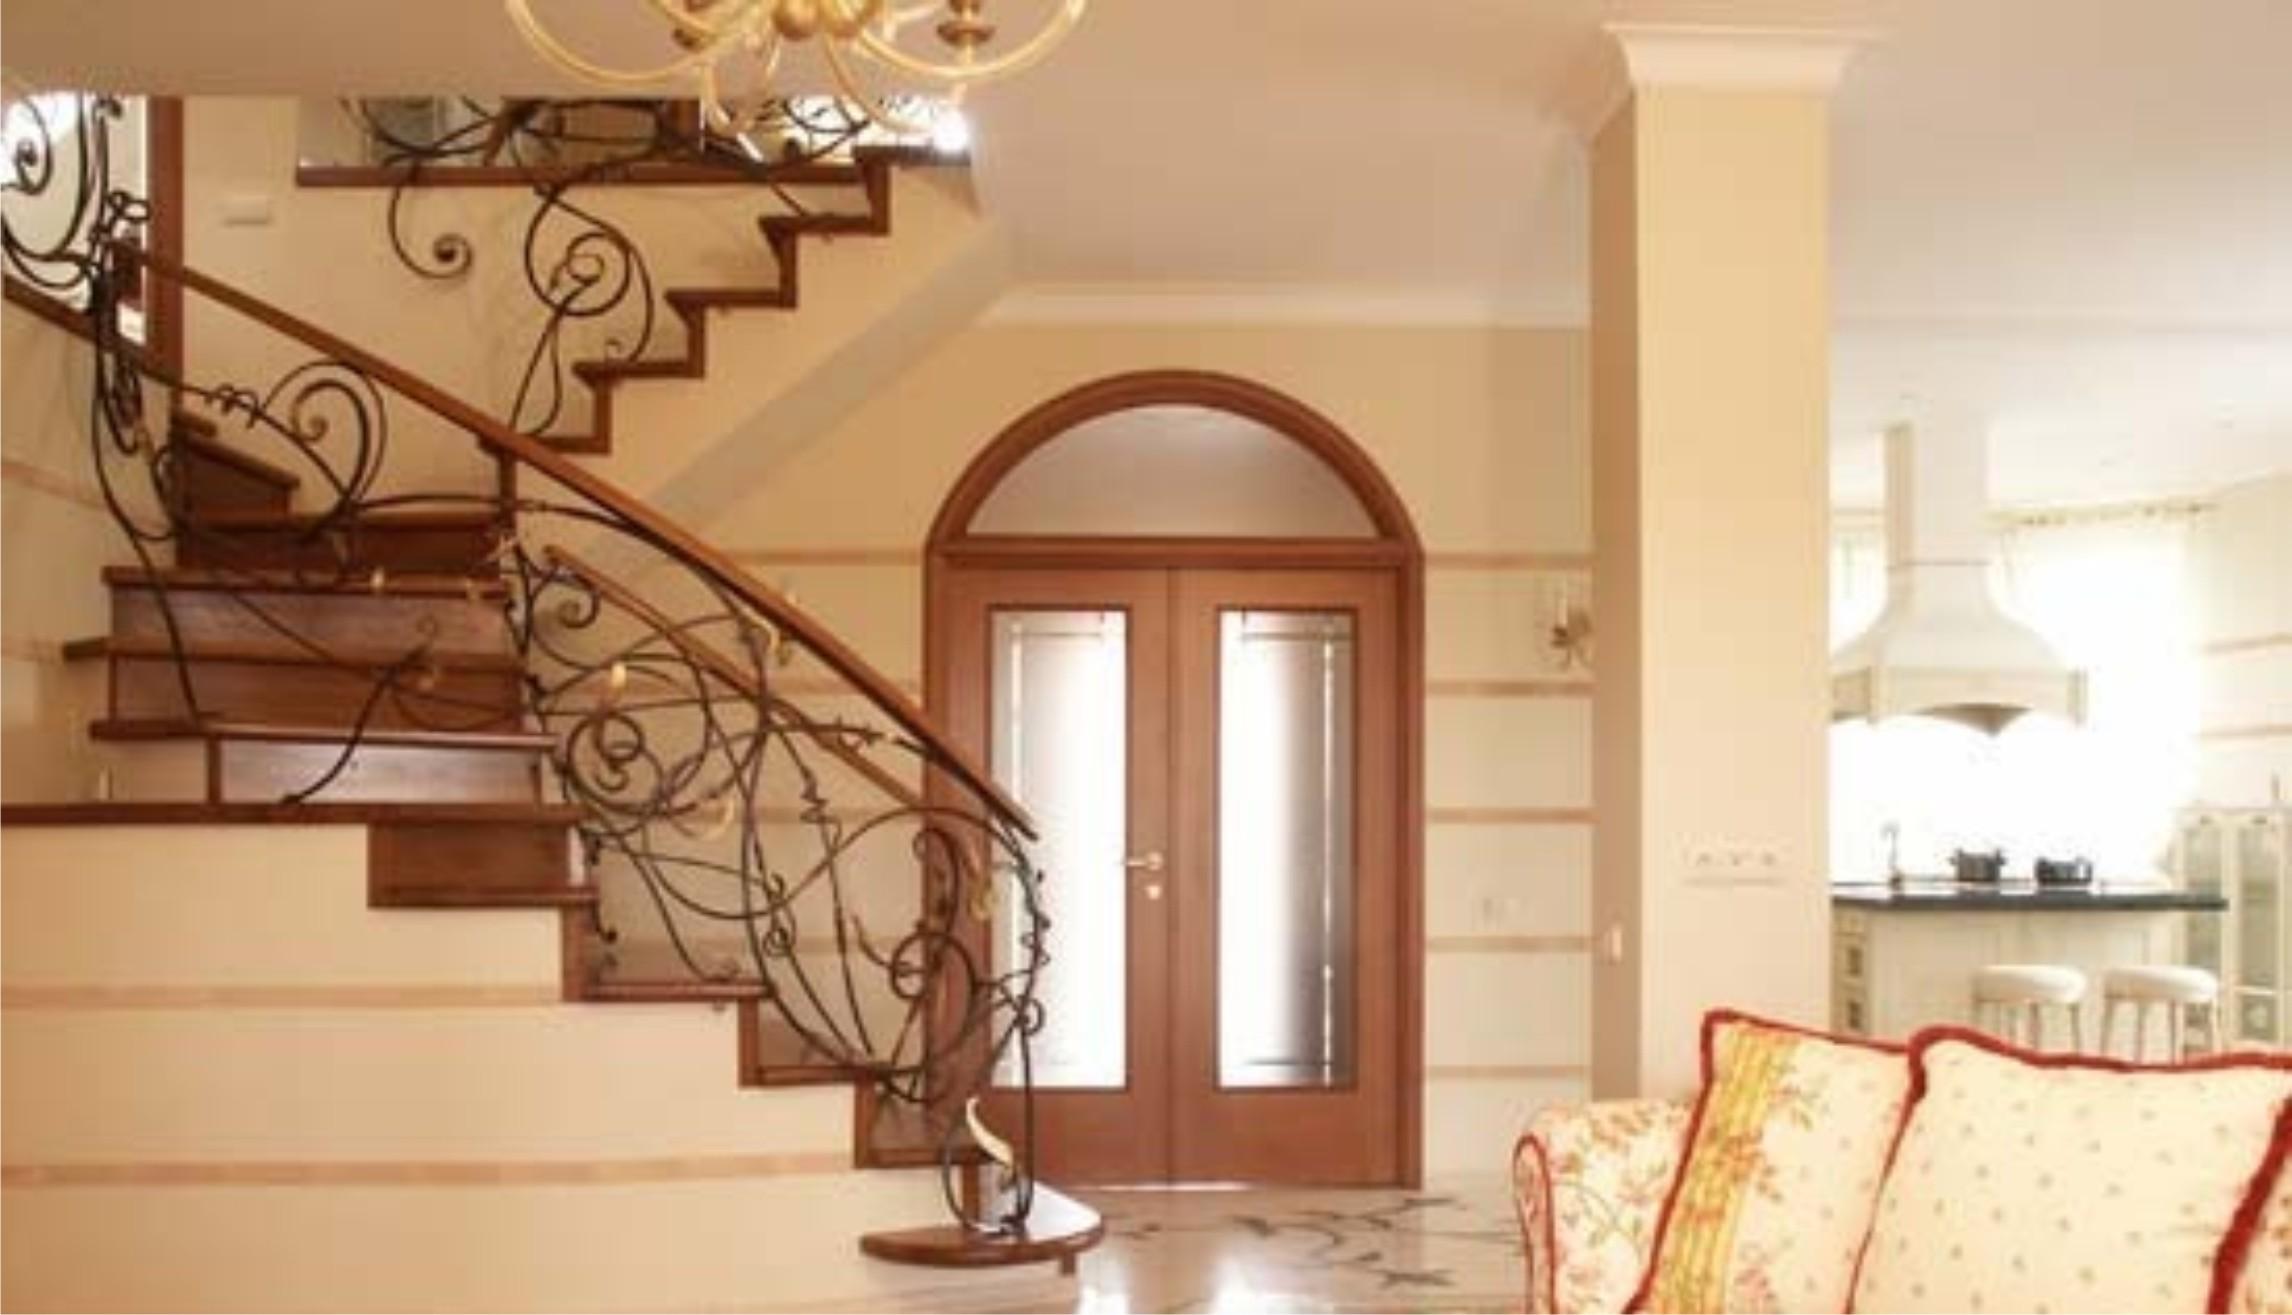 Ремонт частного дома своими руками - подготовка и особенности